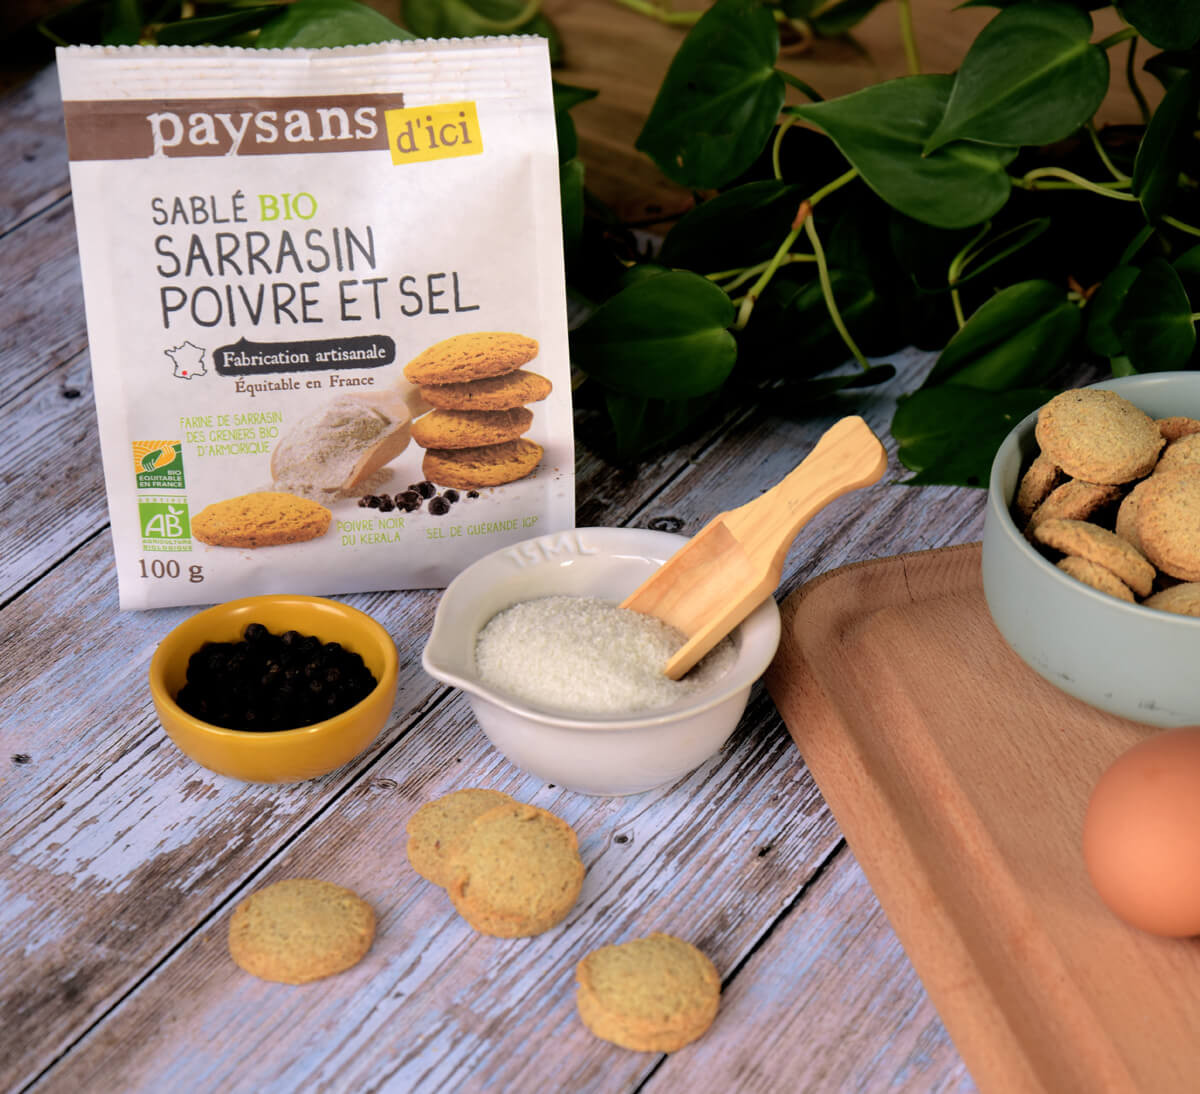 Paysans d'Ici - Sablé salé bio sarrasin, poivre & sel issus du Commerce équitable